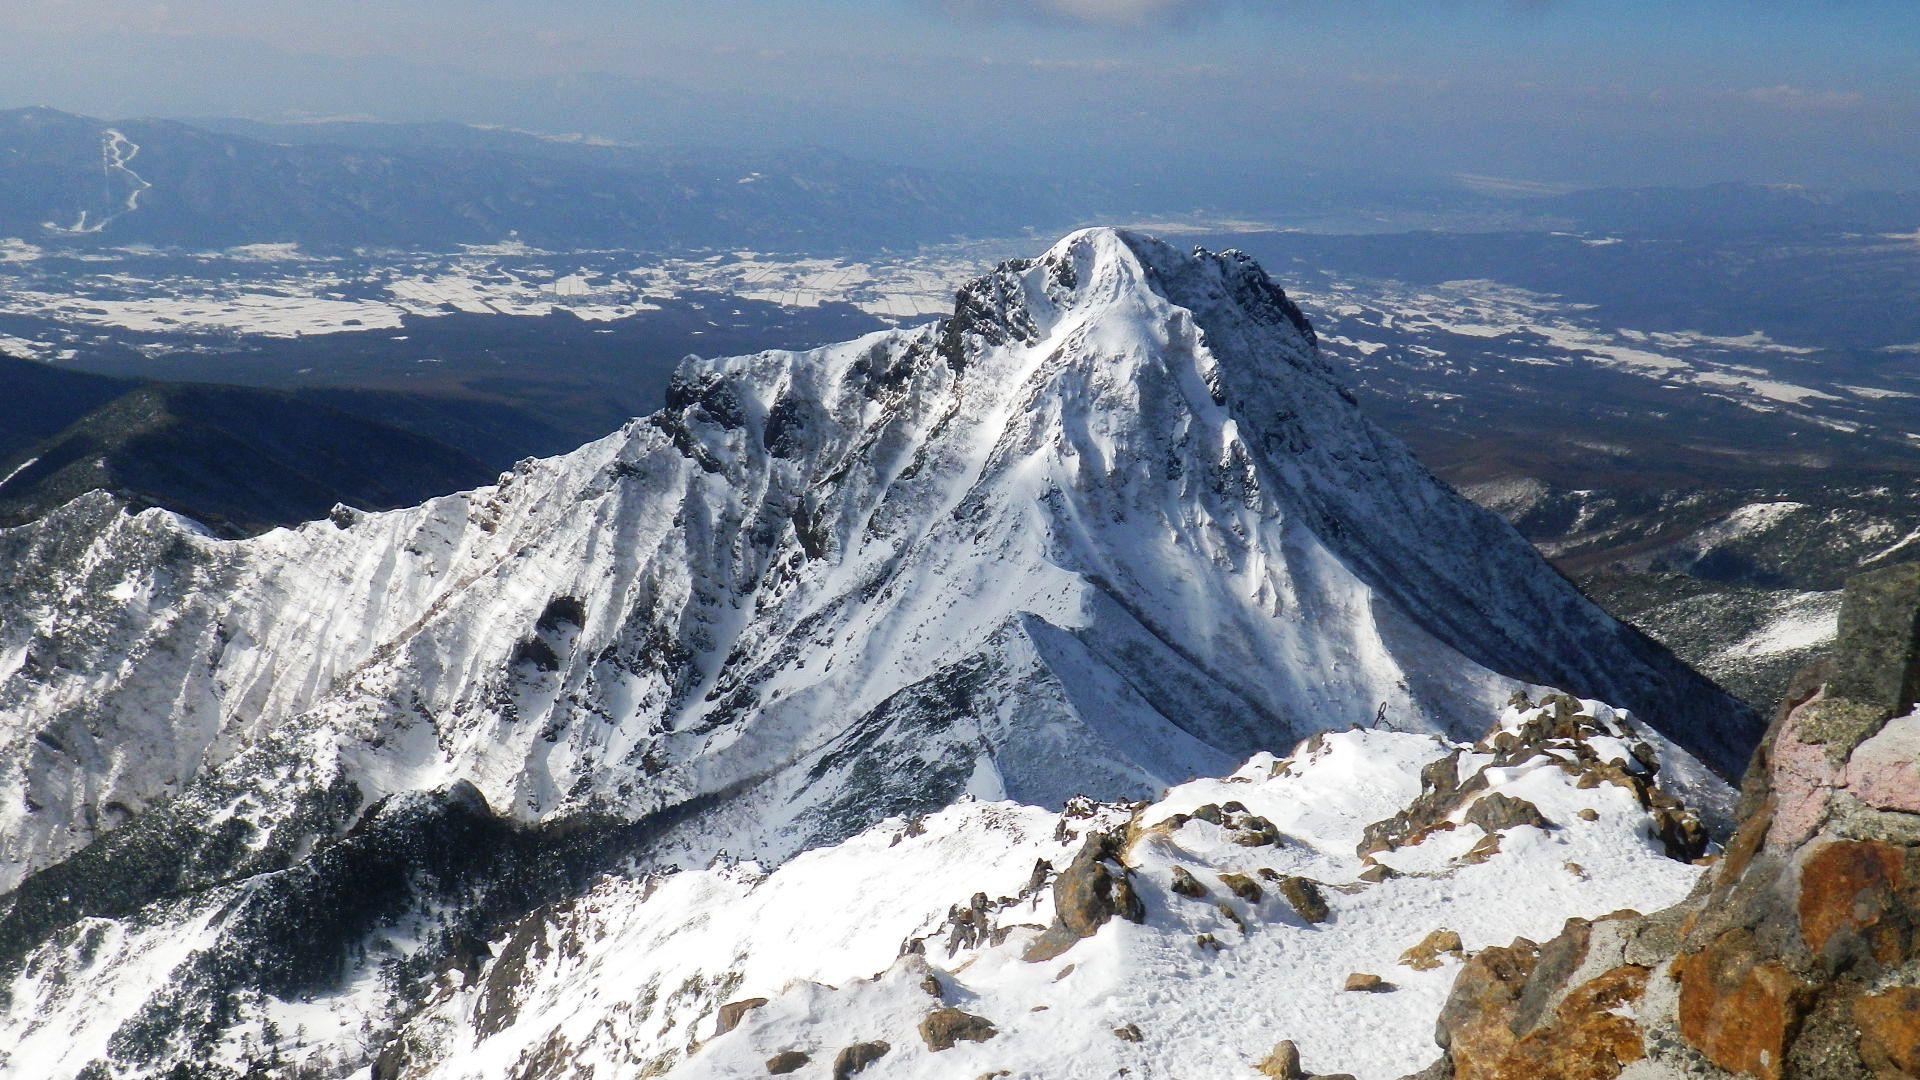 冬の八ヶ岳にSACが集う【八ヶ岳キレット縦走】_d0237801_138120.jpg